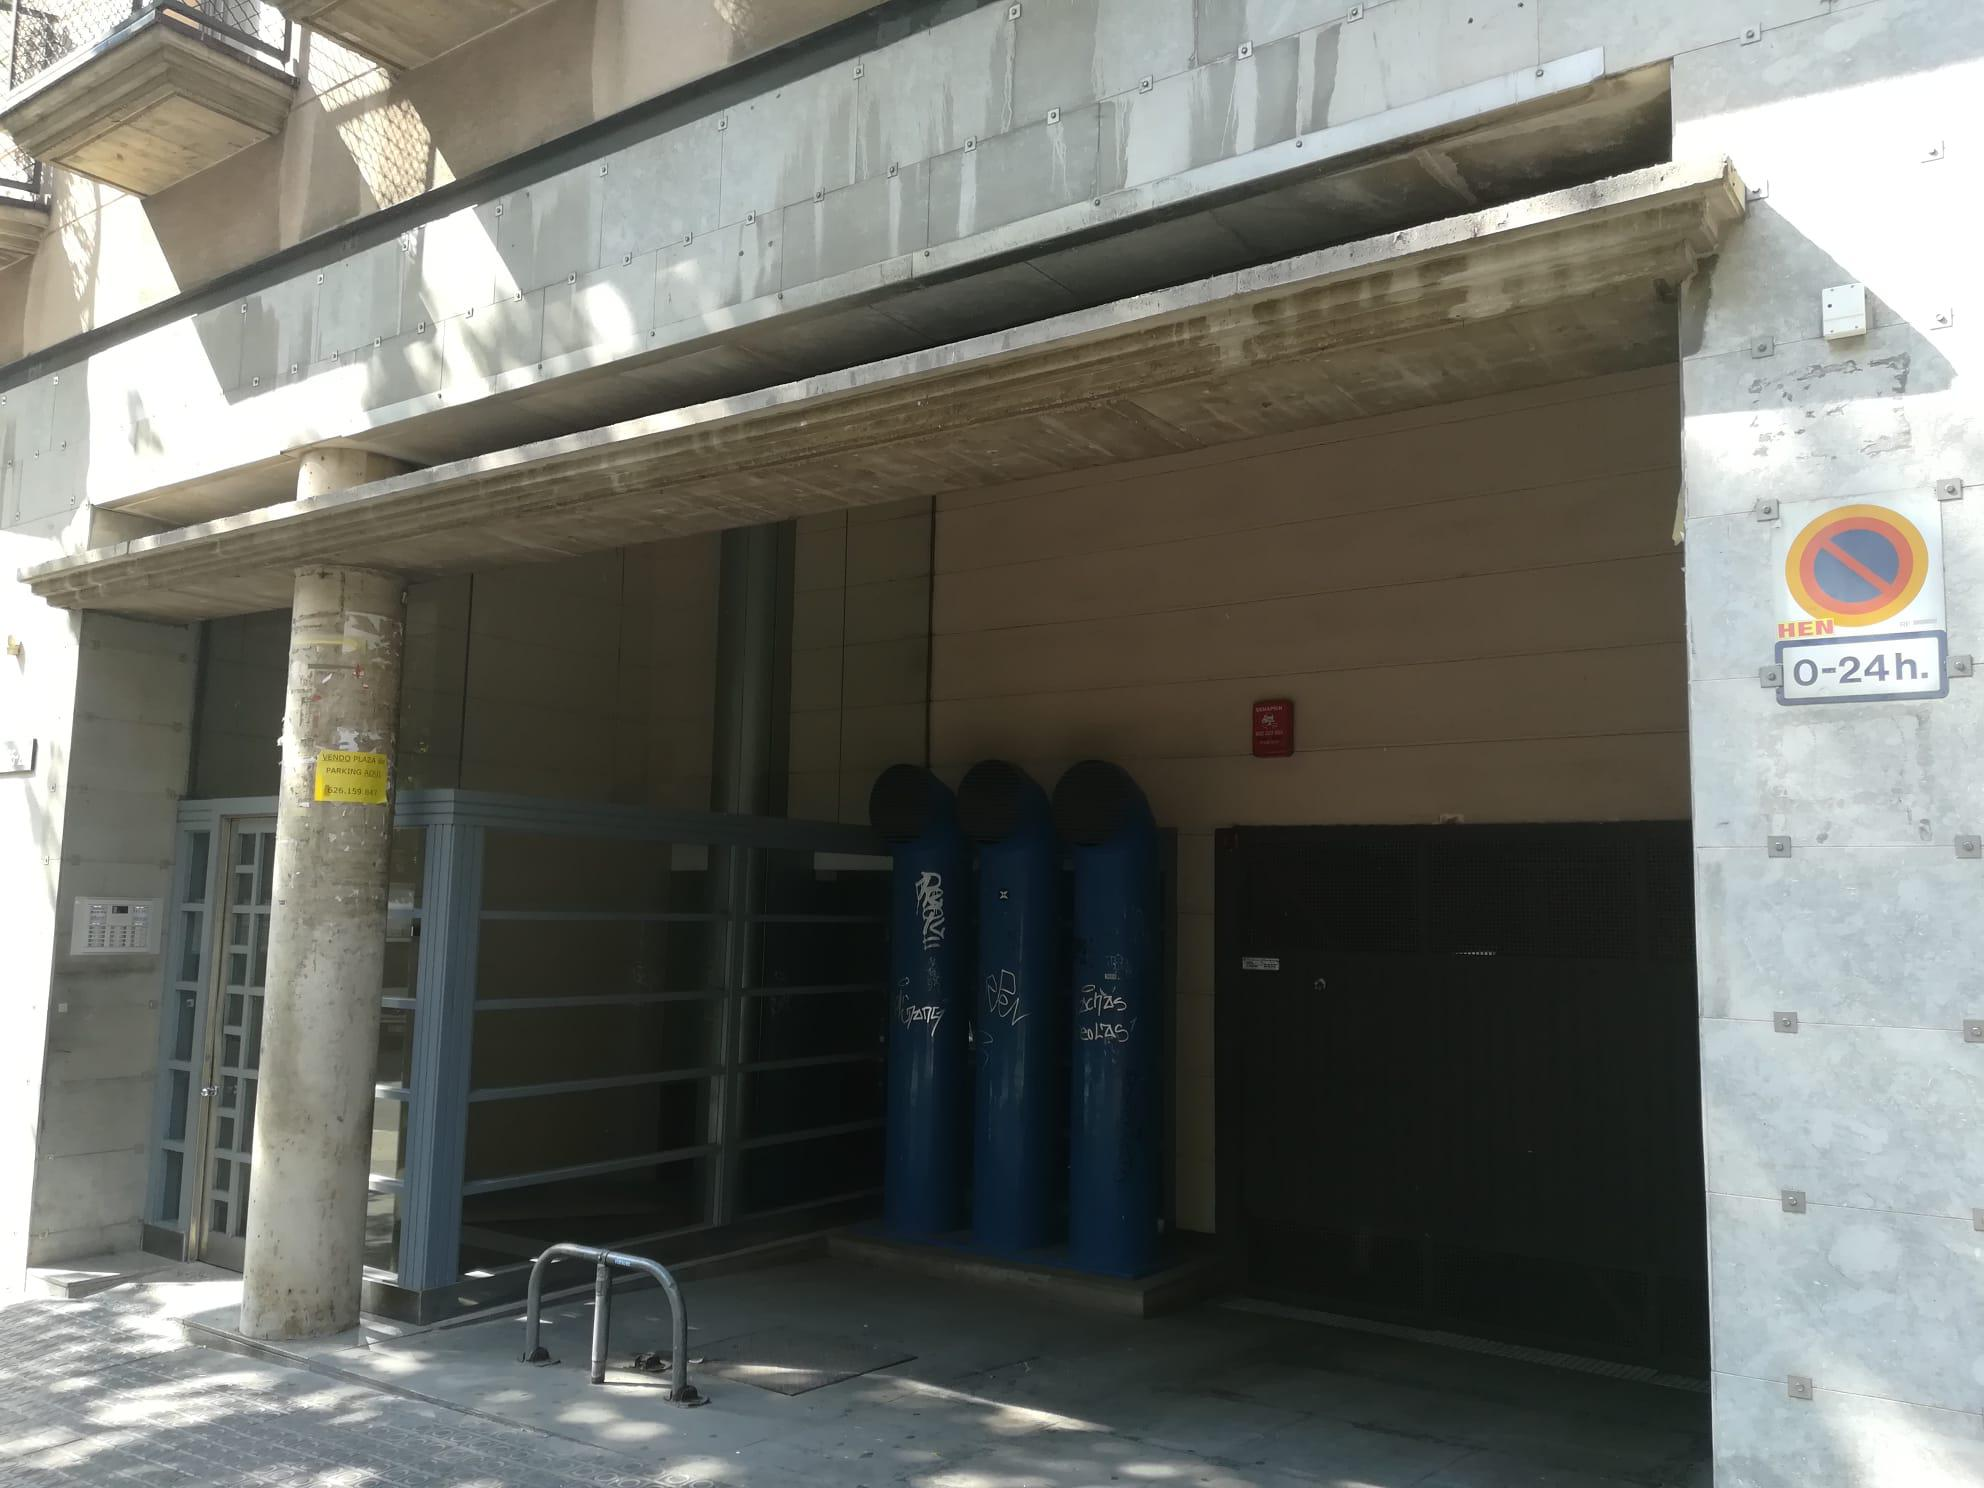 Imagen 3 Parking Coche en venta en Barcelona / Calle Marina entre Rossellon y Porvenza.